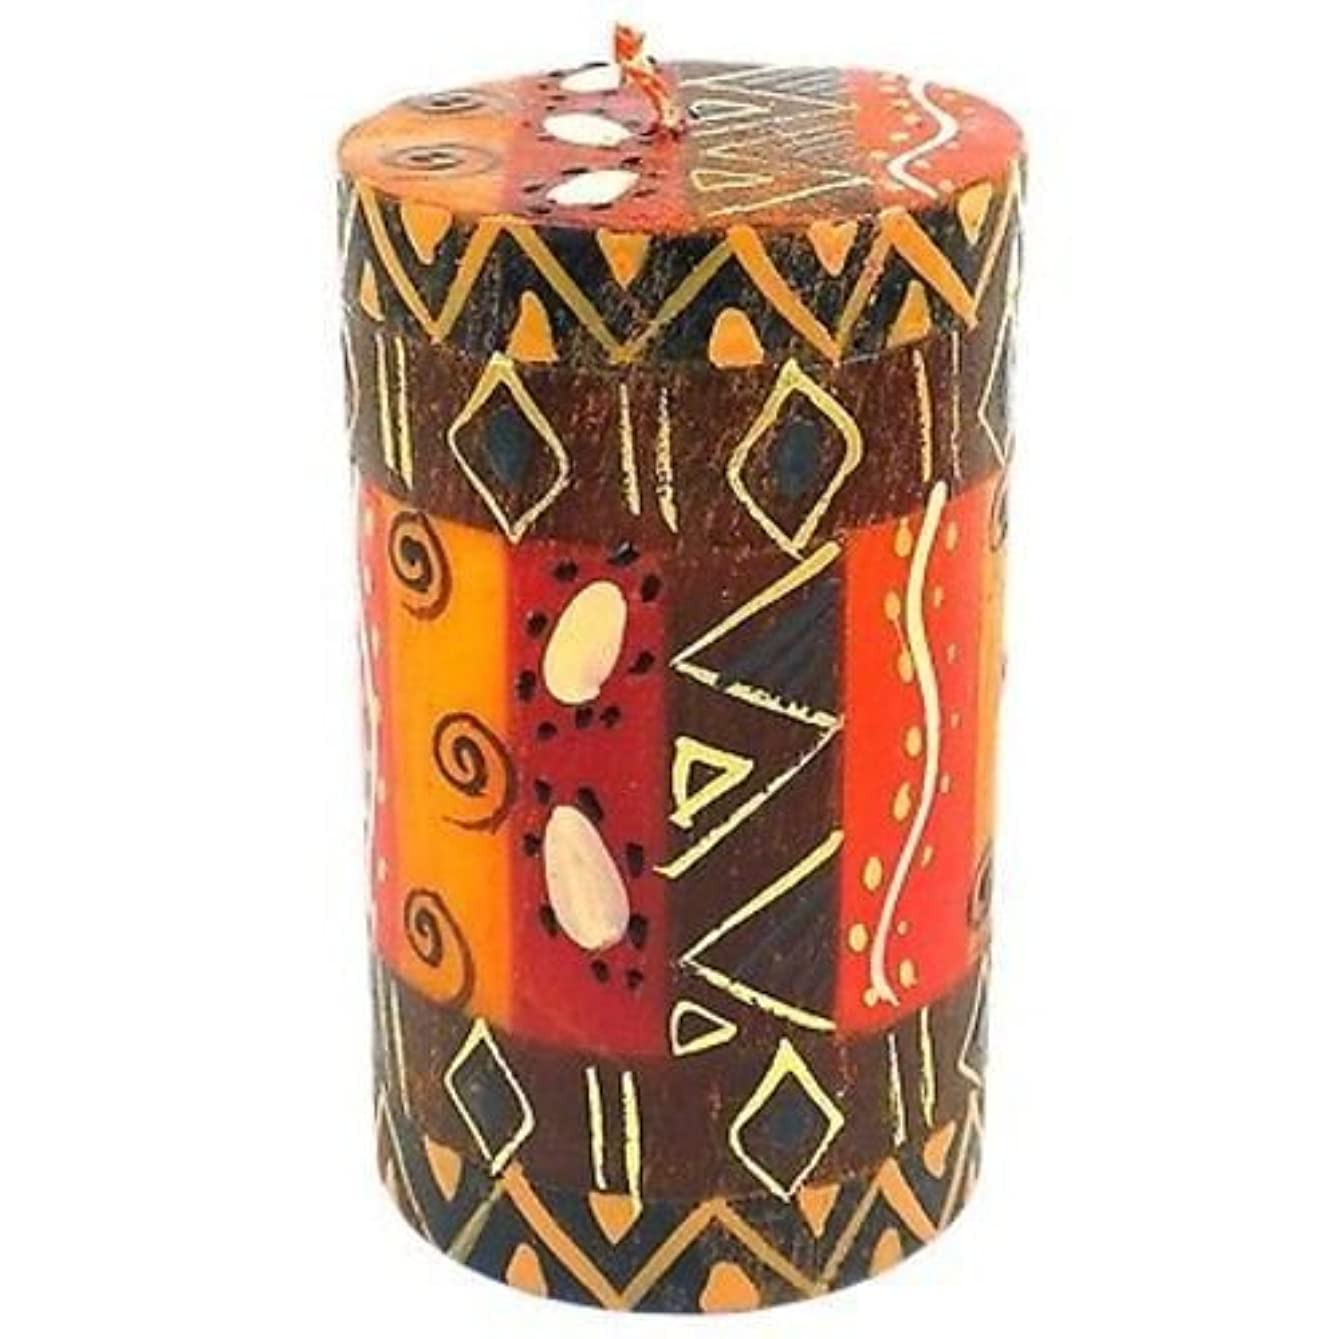 聖なる驚願うNobunto Single Boxed Hand-Painted Pillar Candle - Bongazi Design